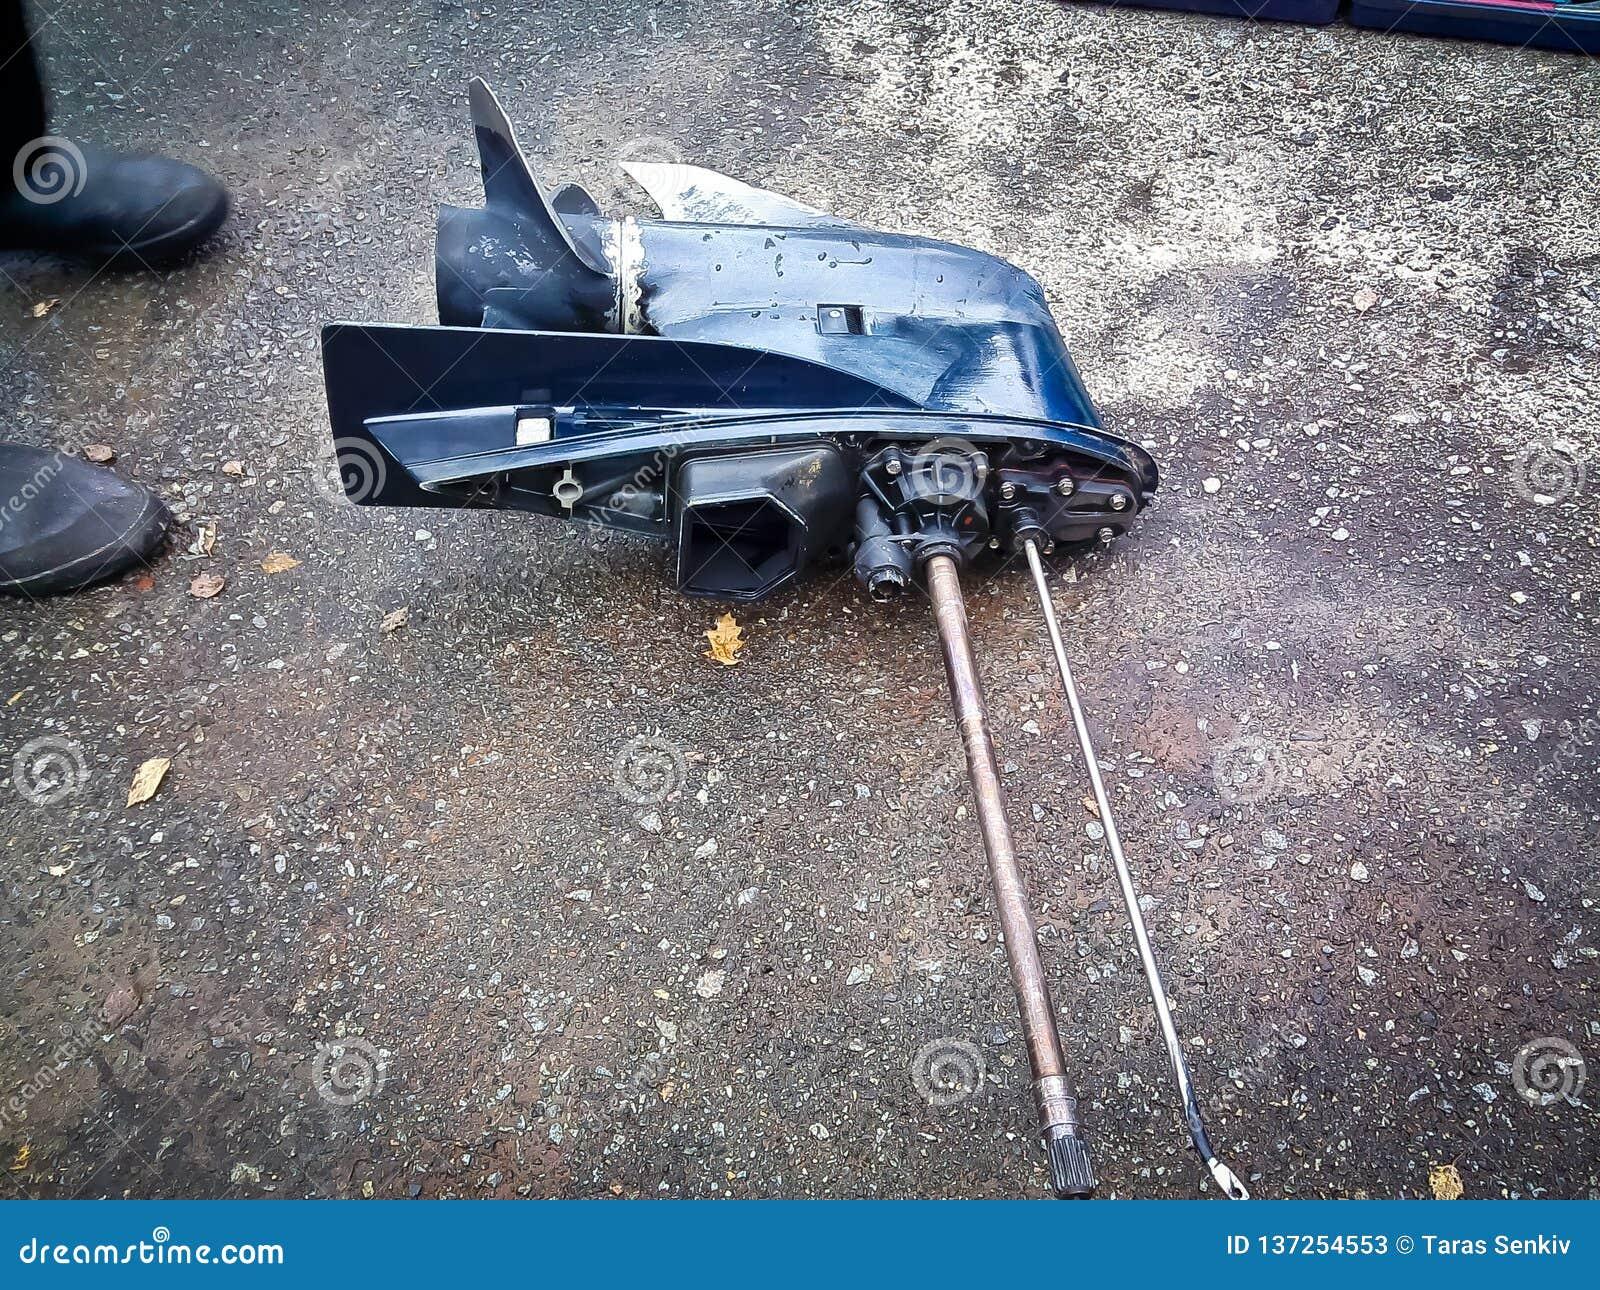 Caja de cambios externa del motor